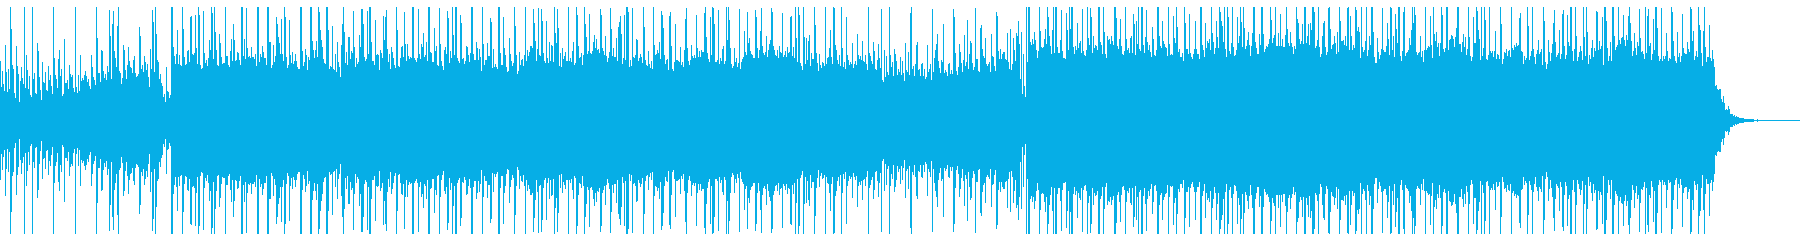 エモさ溢れるチルポップトラップ♪の再生済みの波形